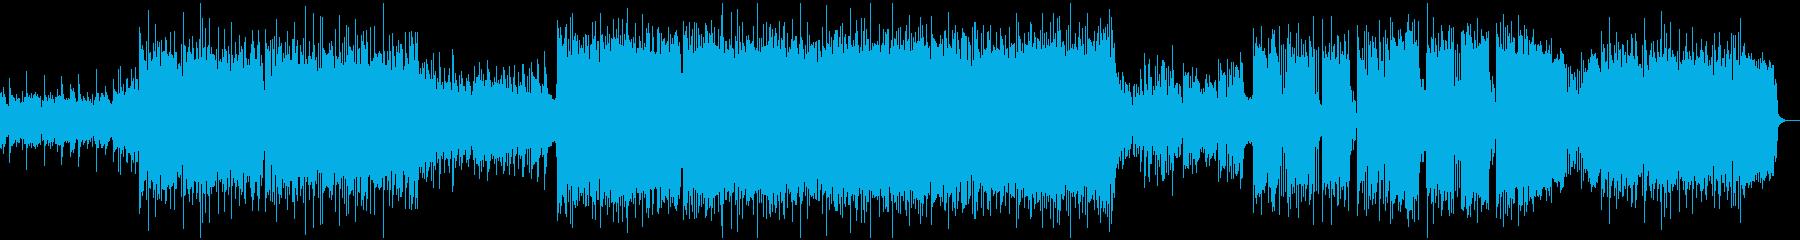 ロック&デジタル!戦いシーン等の再生済みの波形